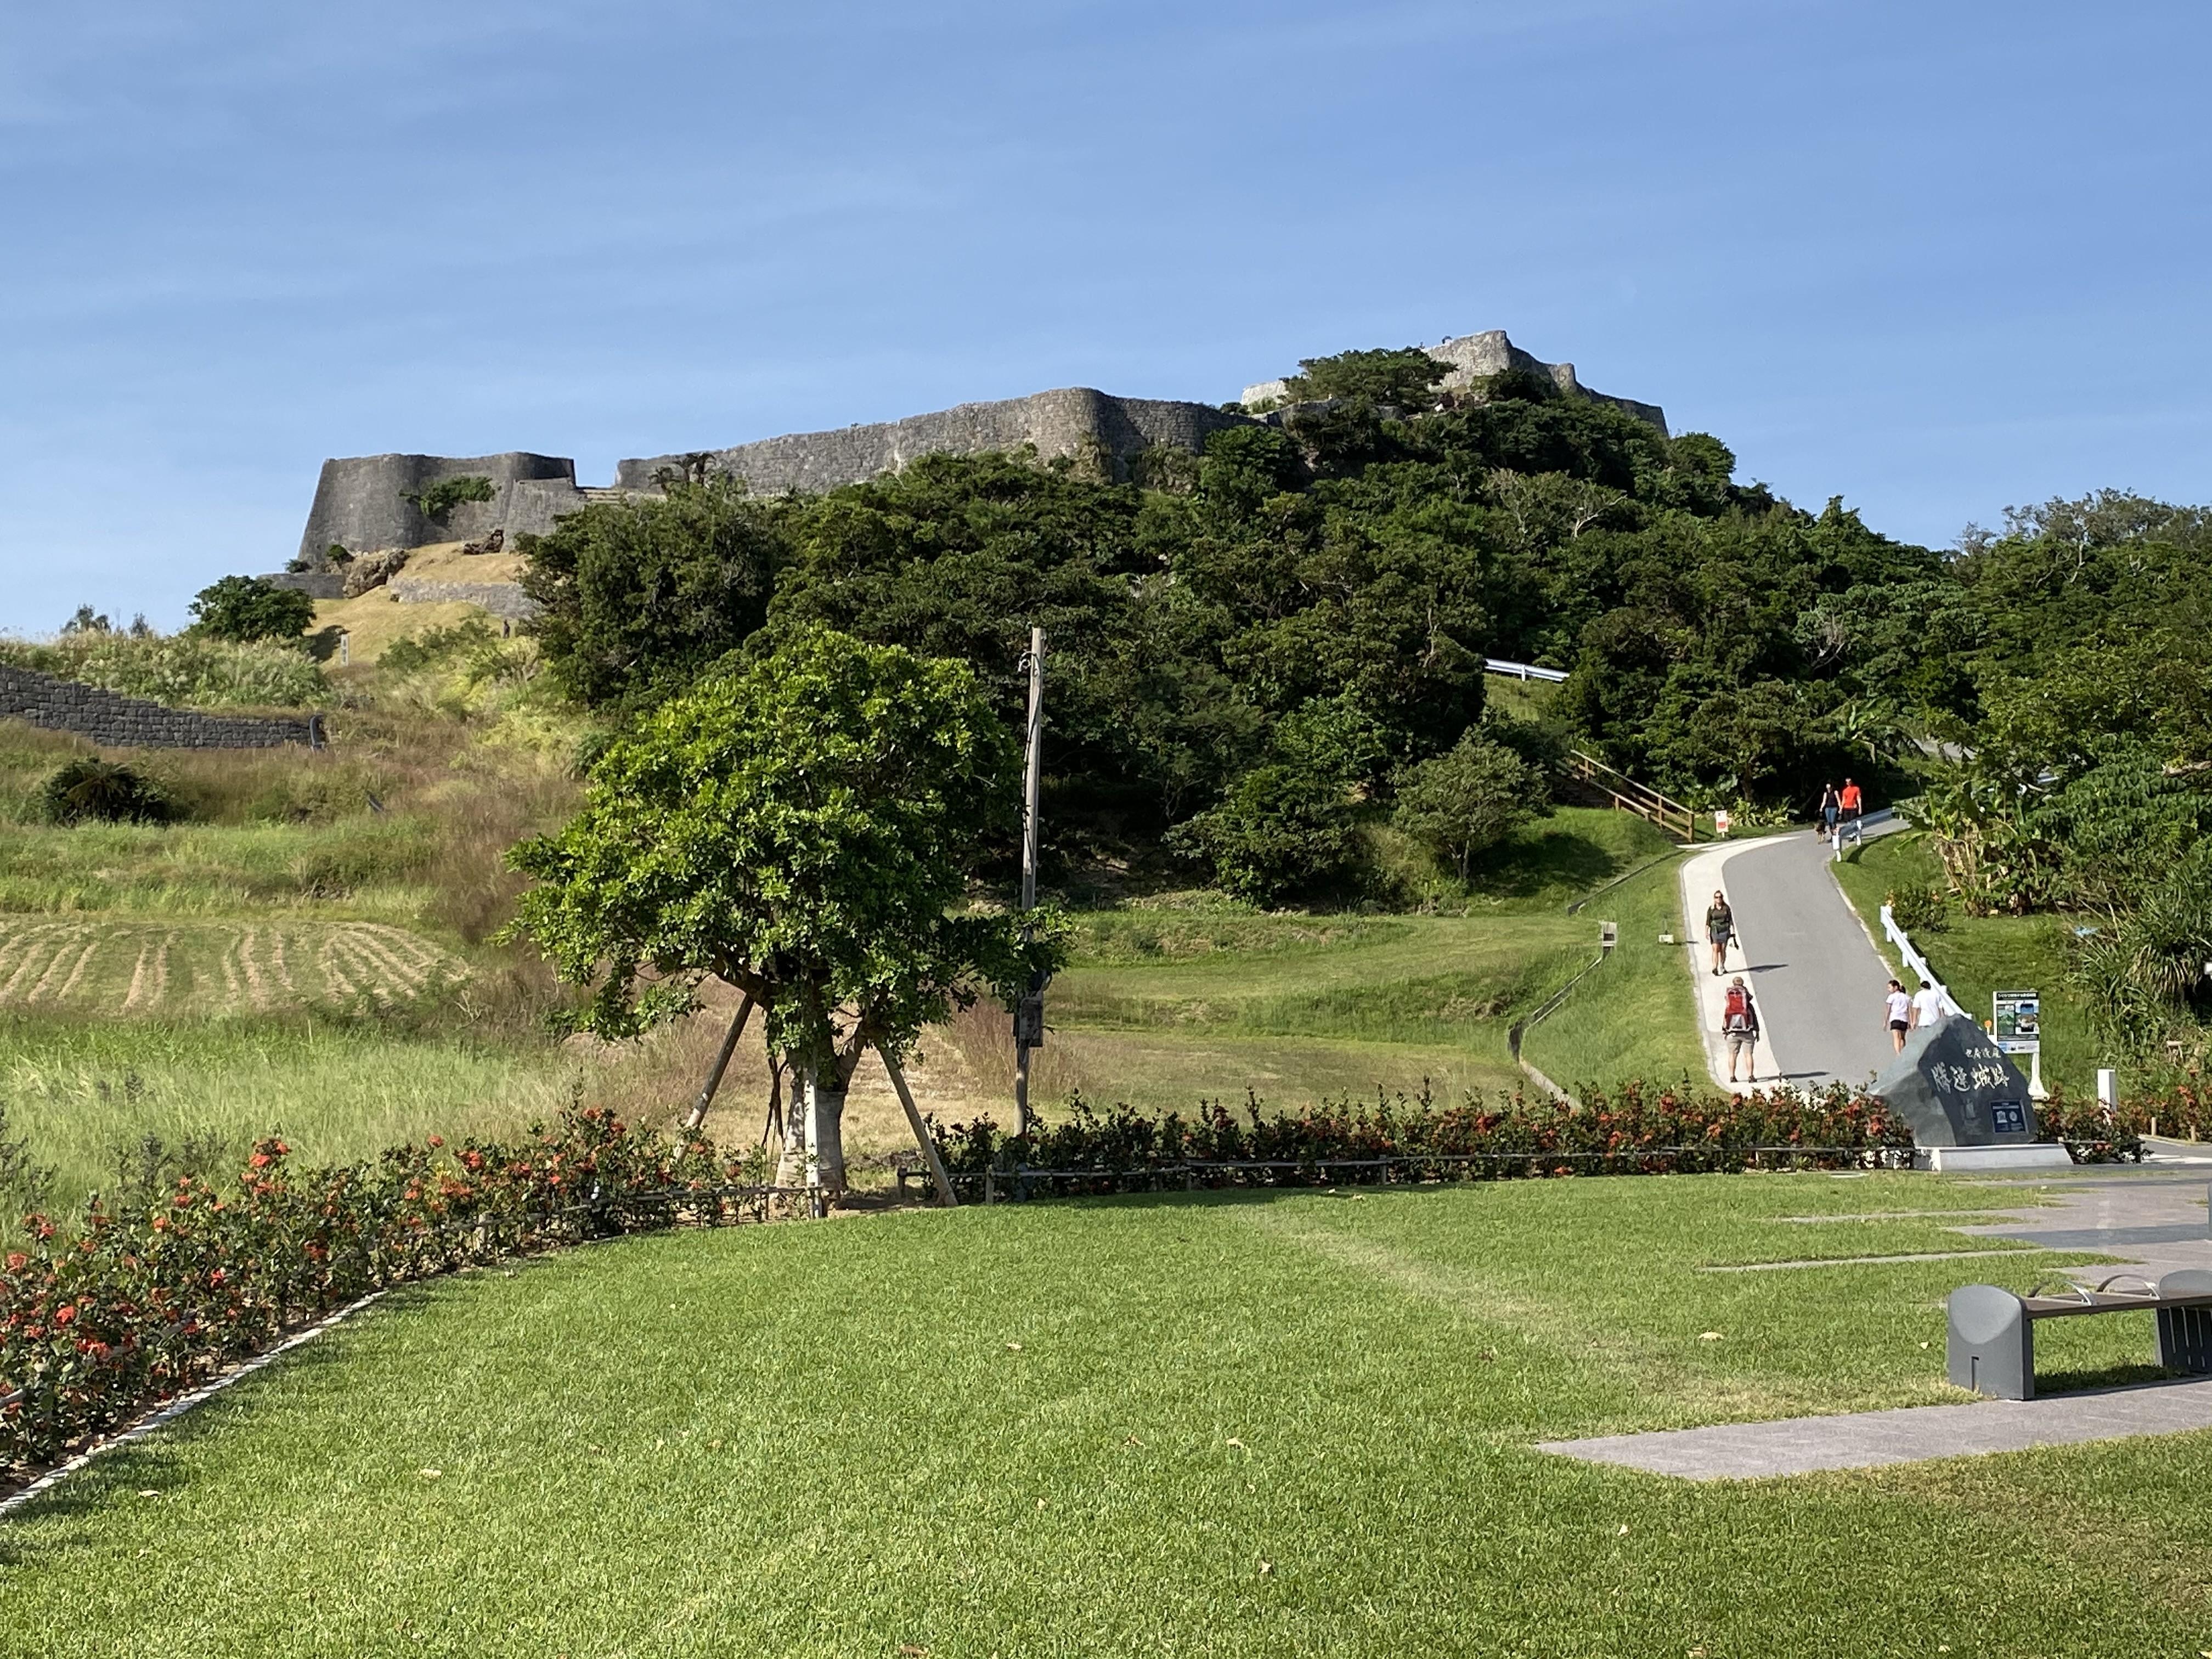 環沖繩挑戰組DAY2會經過,但常被忽略。有天空之城美稱的勝連城跡。